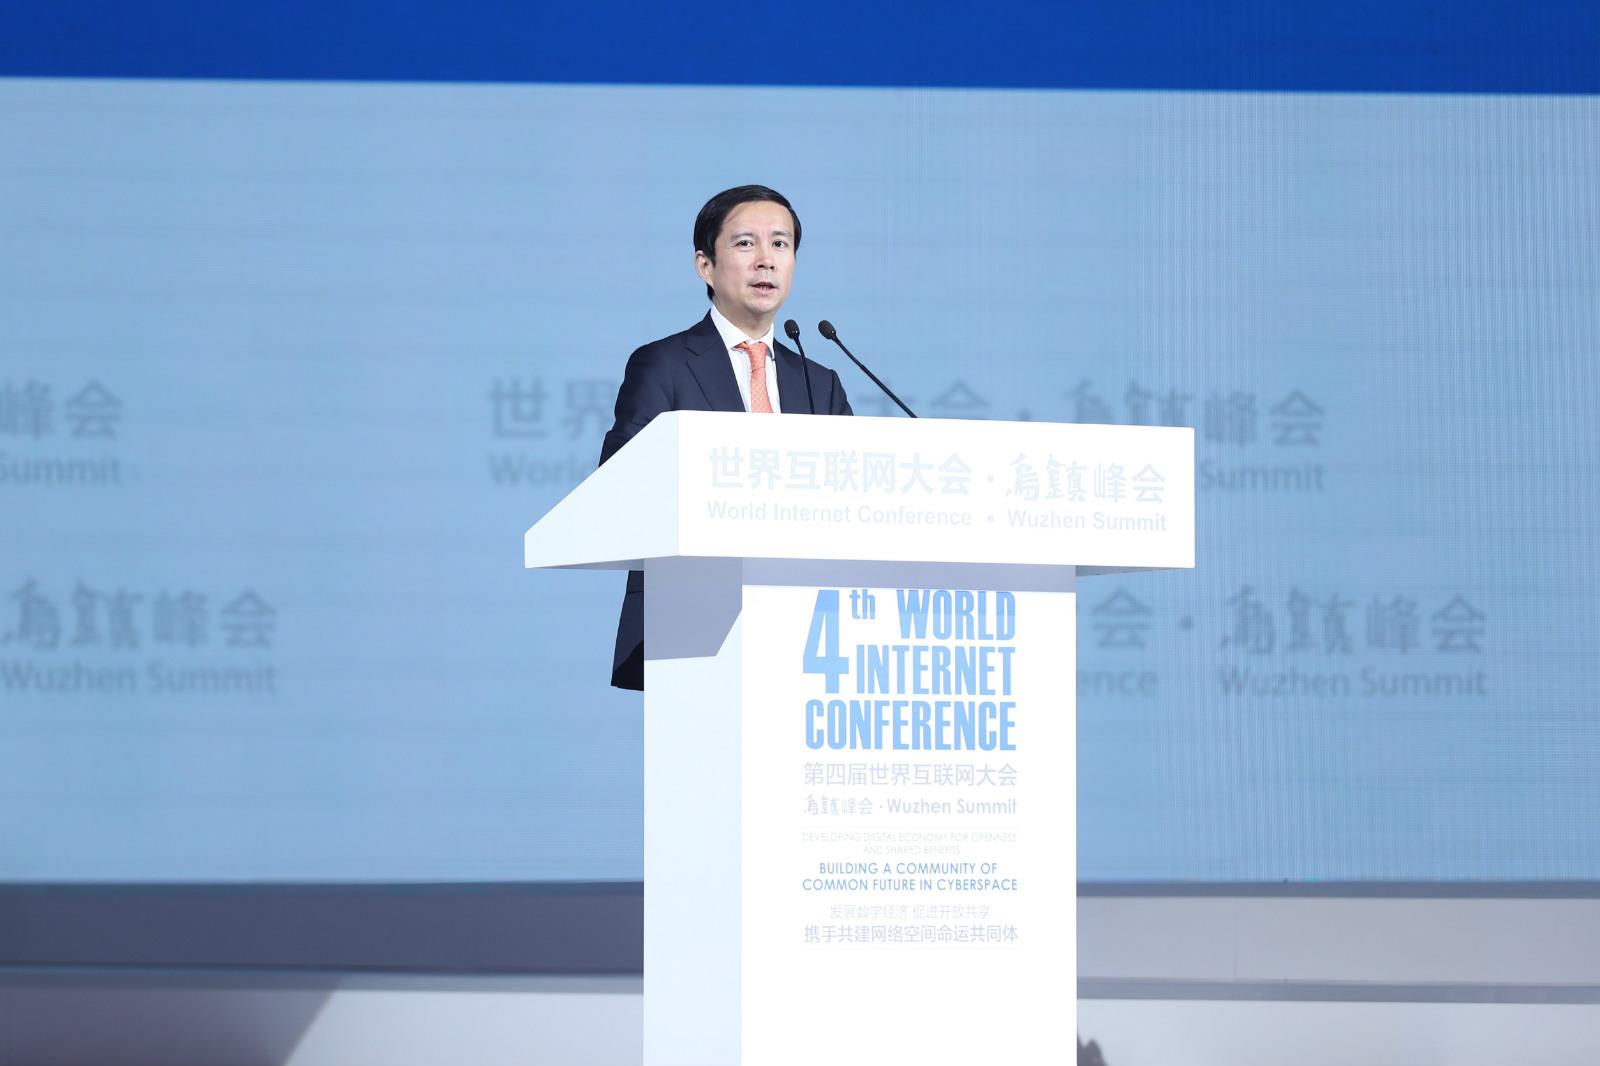 阿里CEO张勇在世界互联网大会演讲_meitu_7